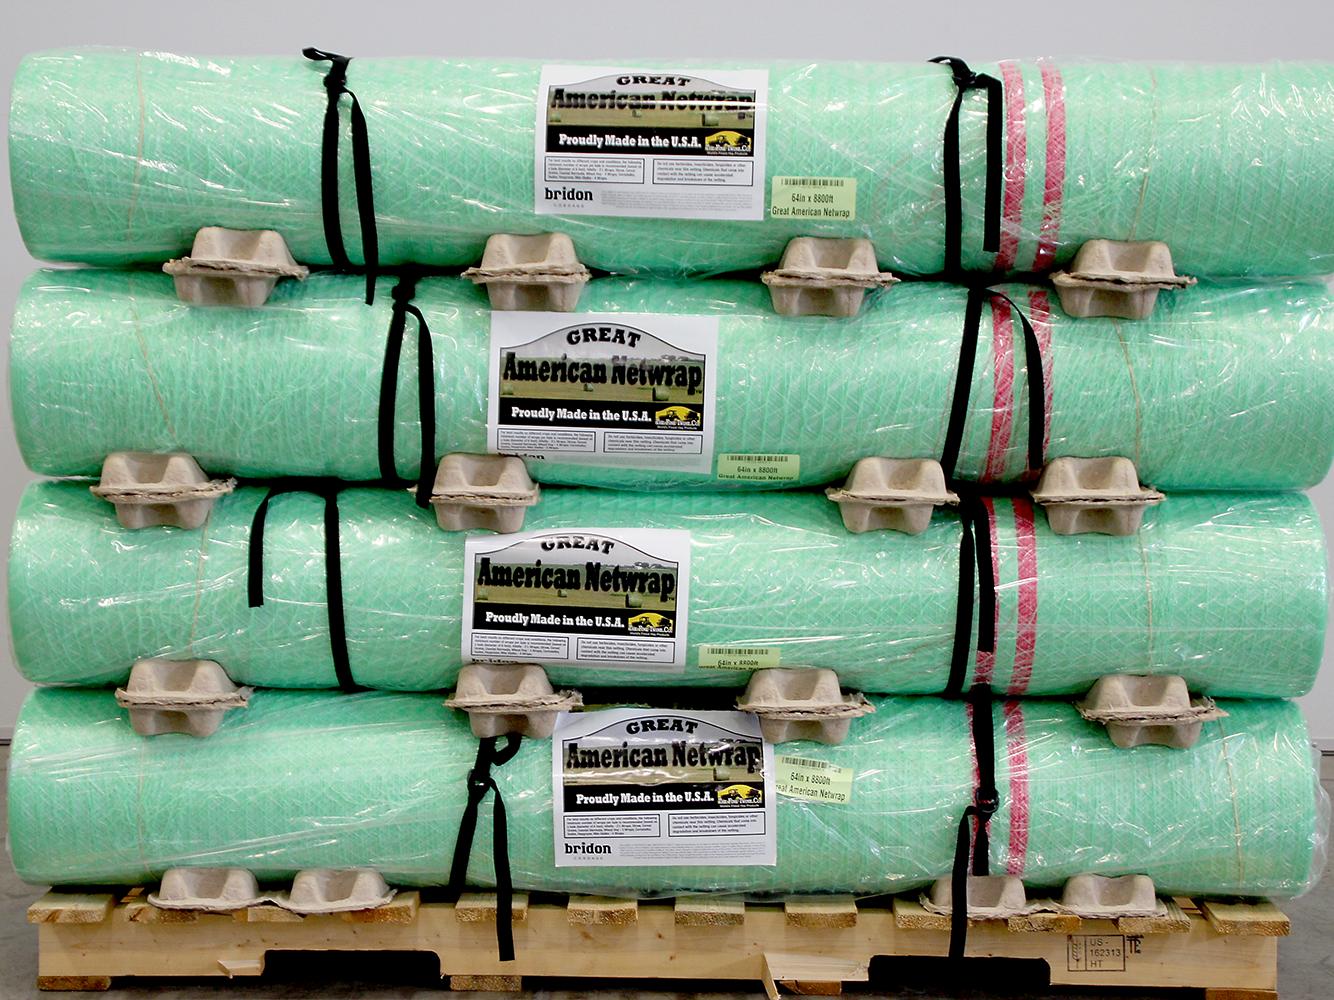 Net Wrap Improves baling efficiency | Great American Net